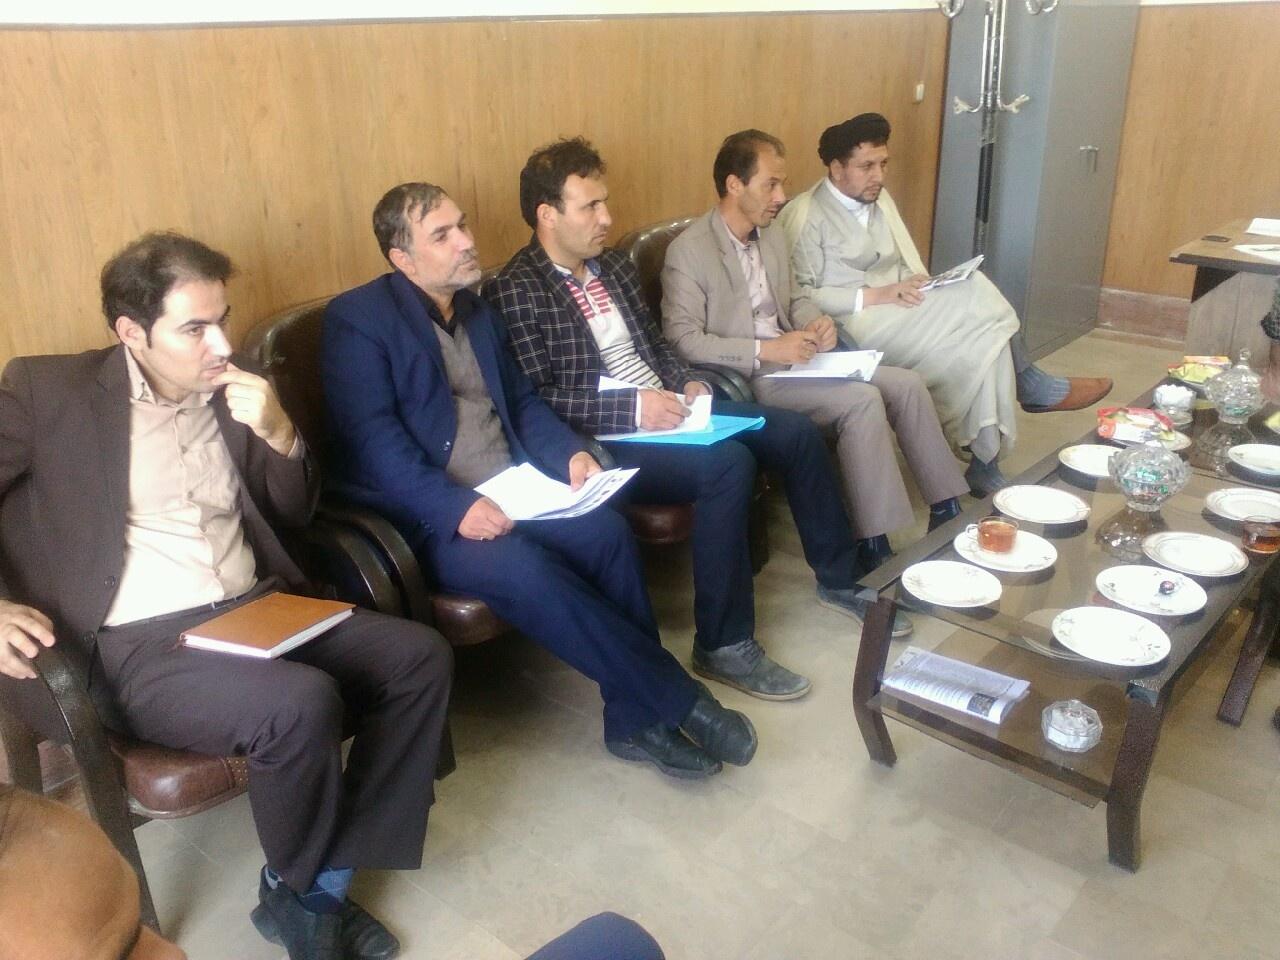 جلسه انجمن بخش افشار